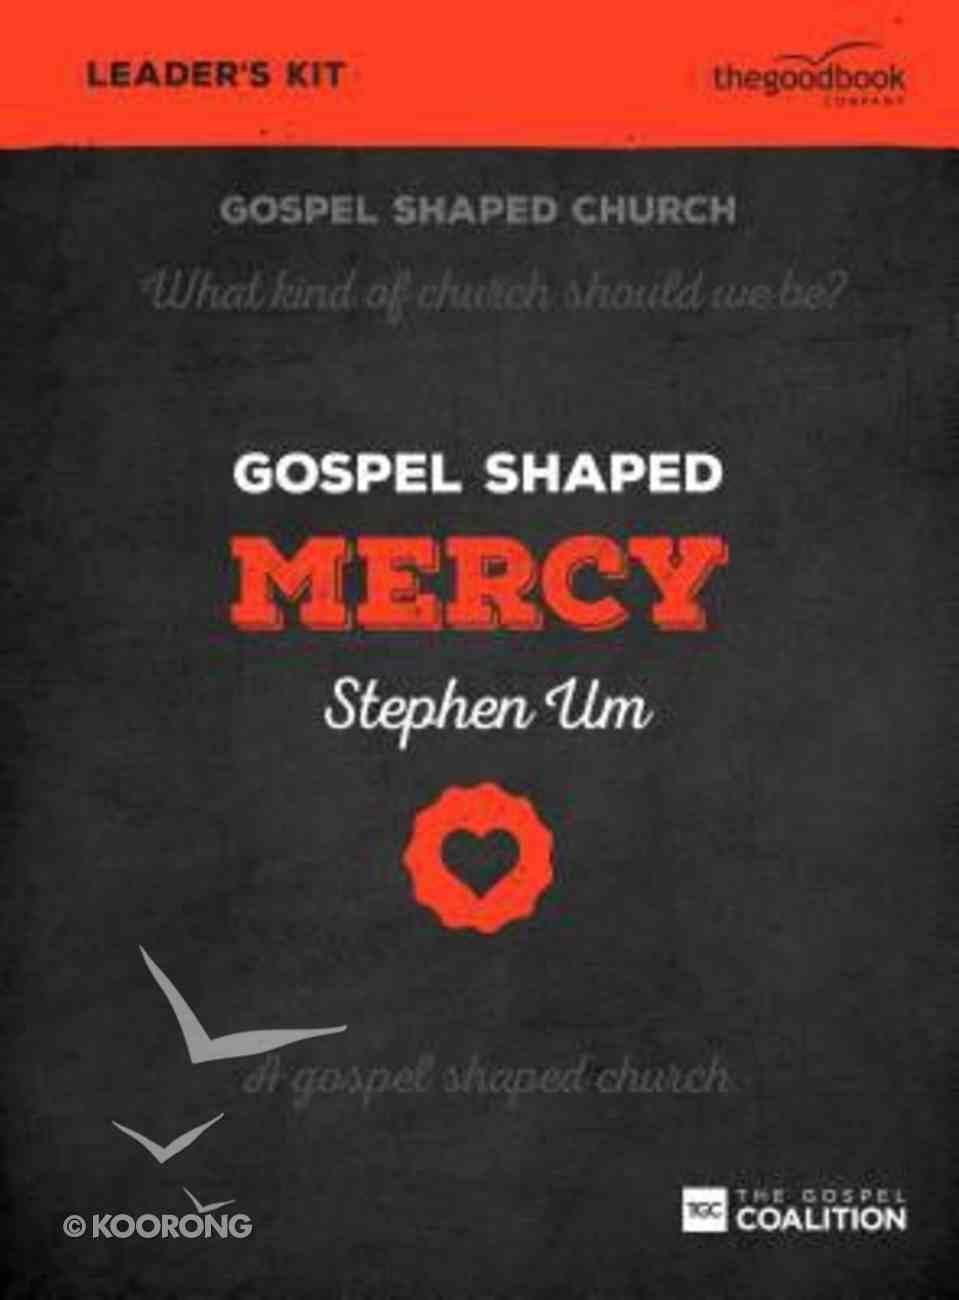 Gospel Shaped Mercy (Leader's Kit) Pack